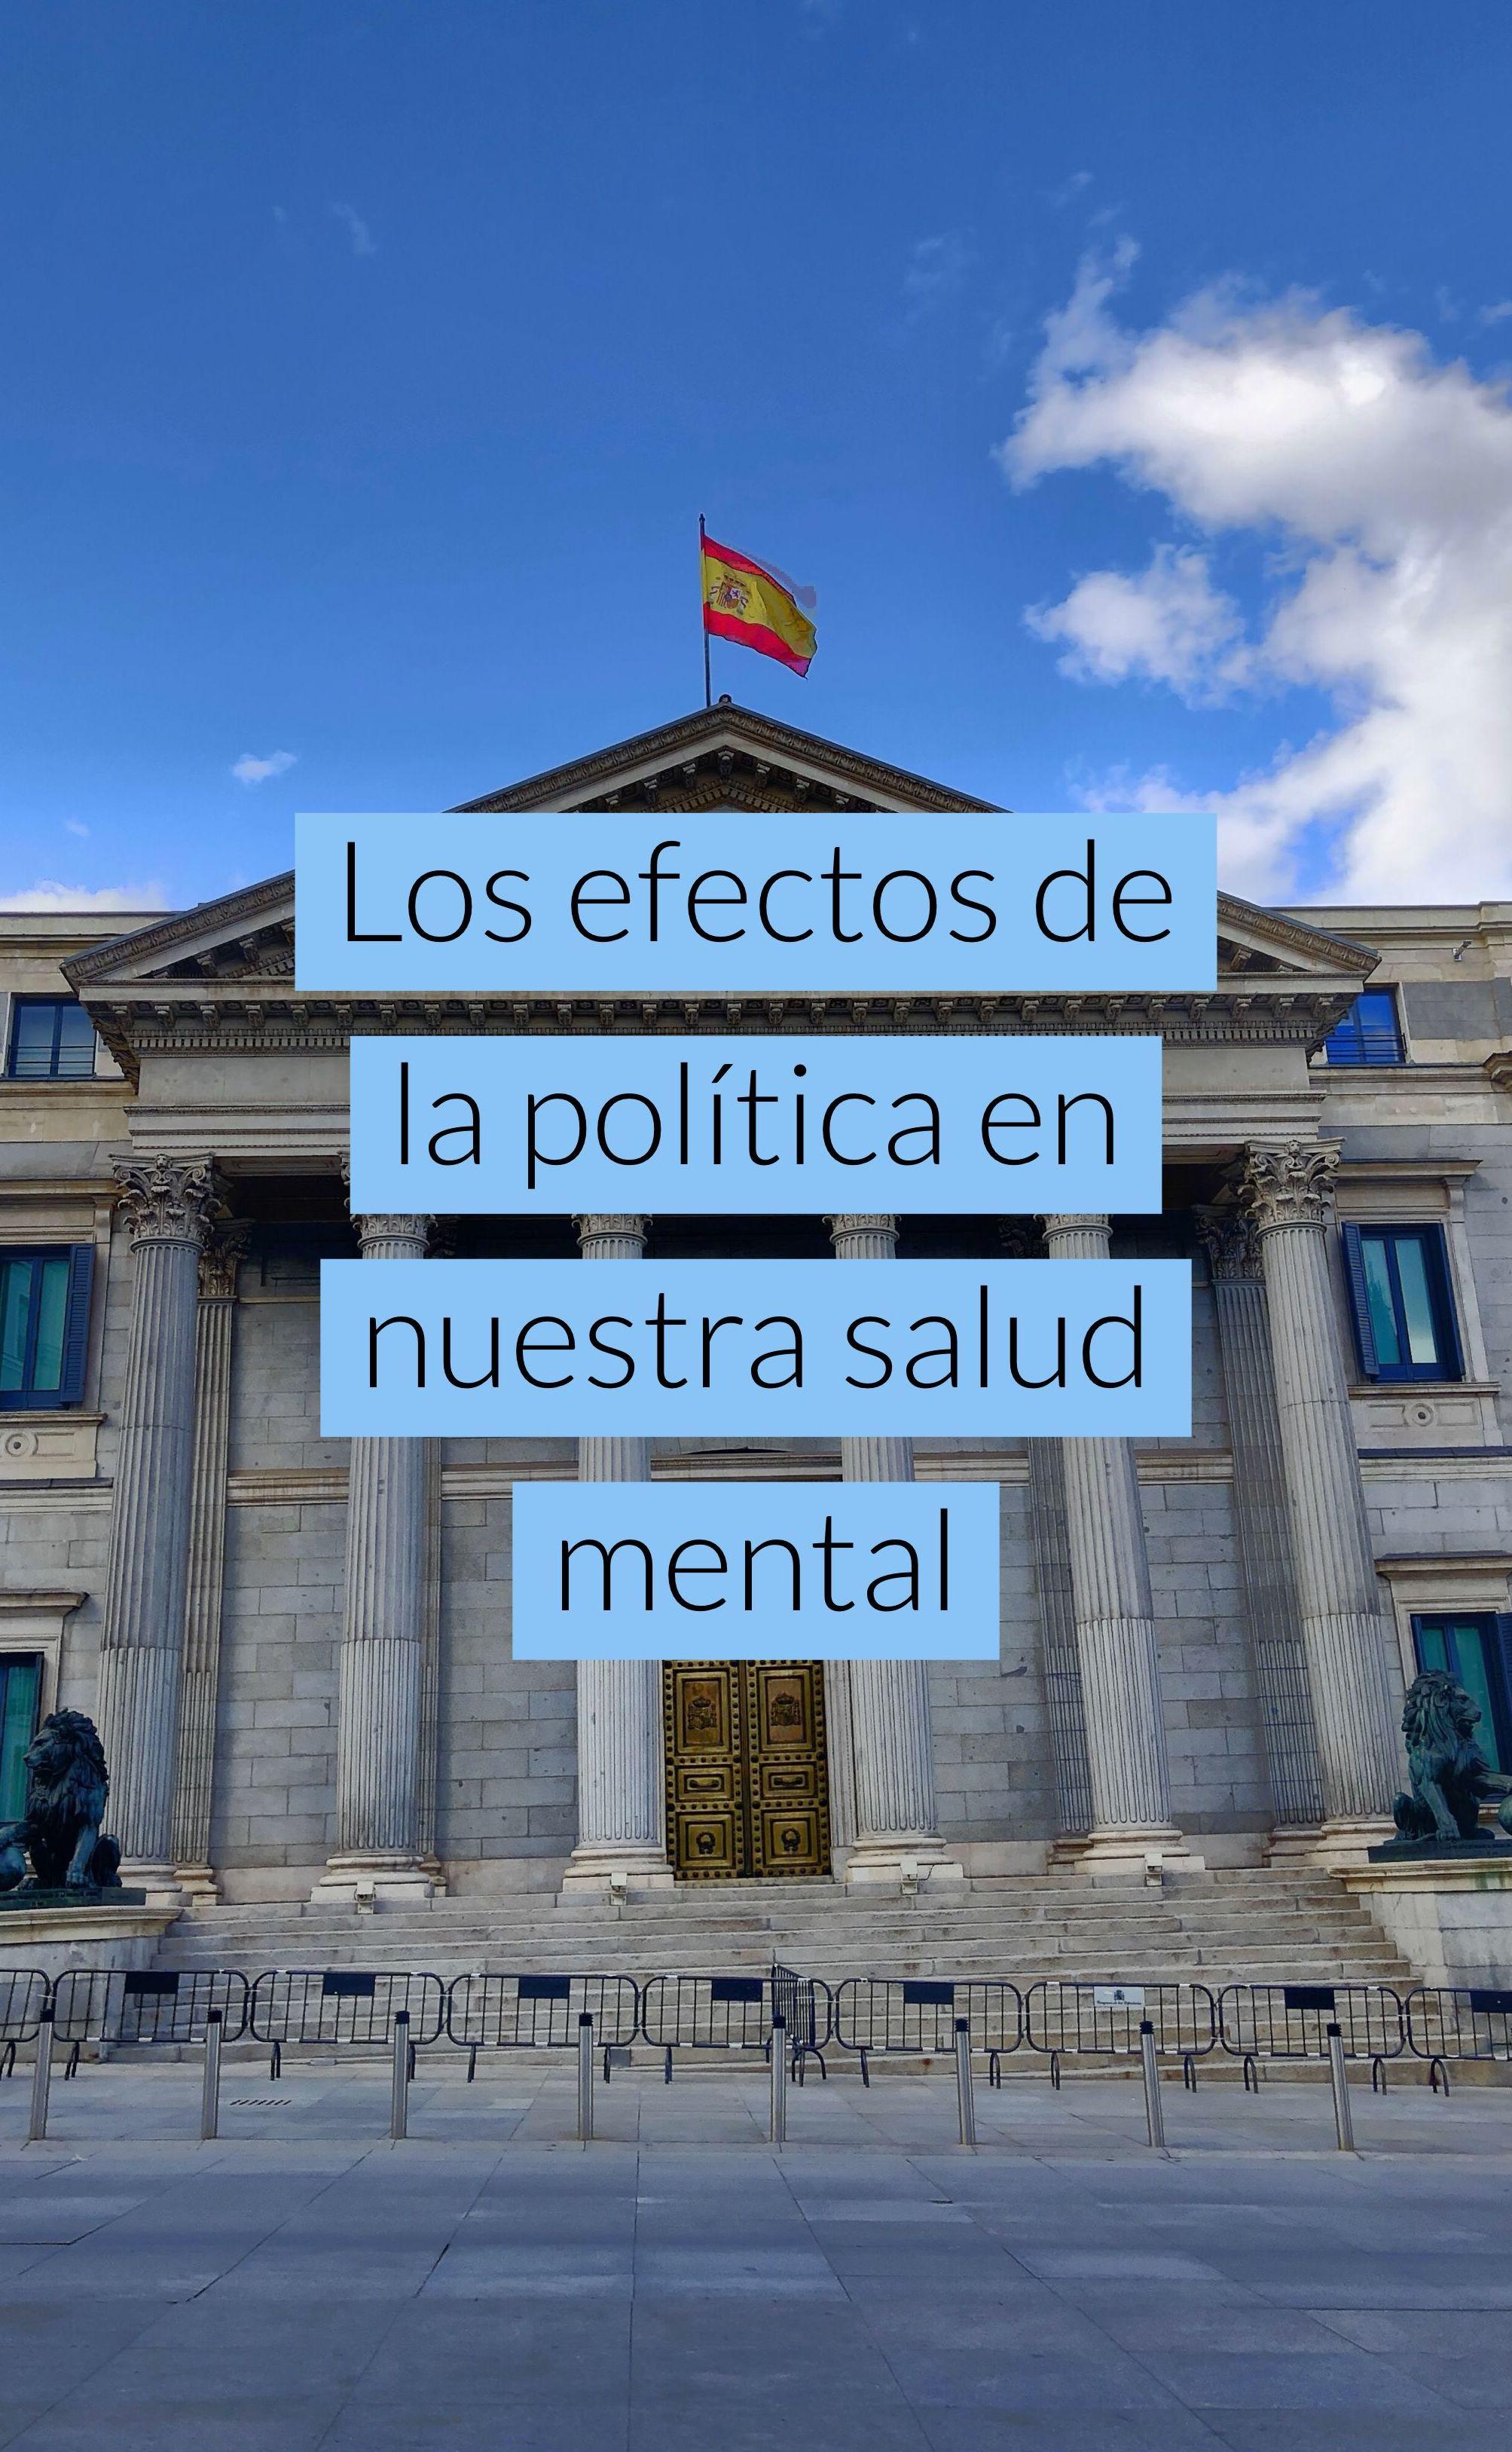 Los efectos de la política en nuestra salud mental